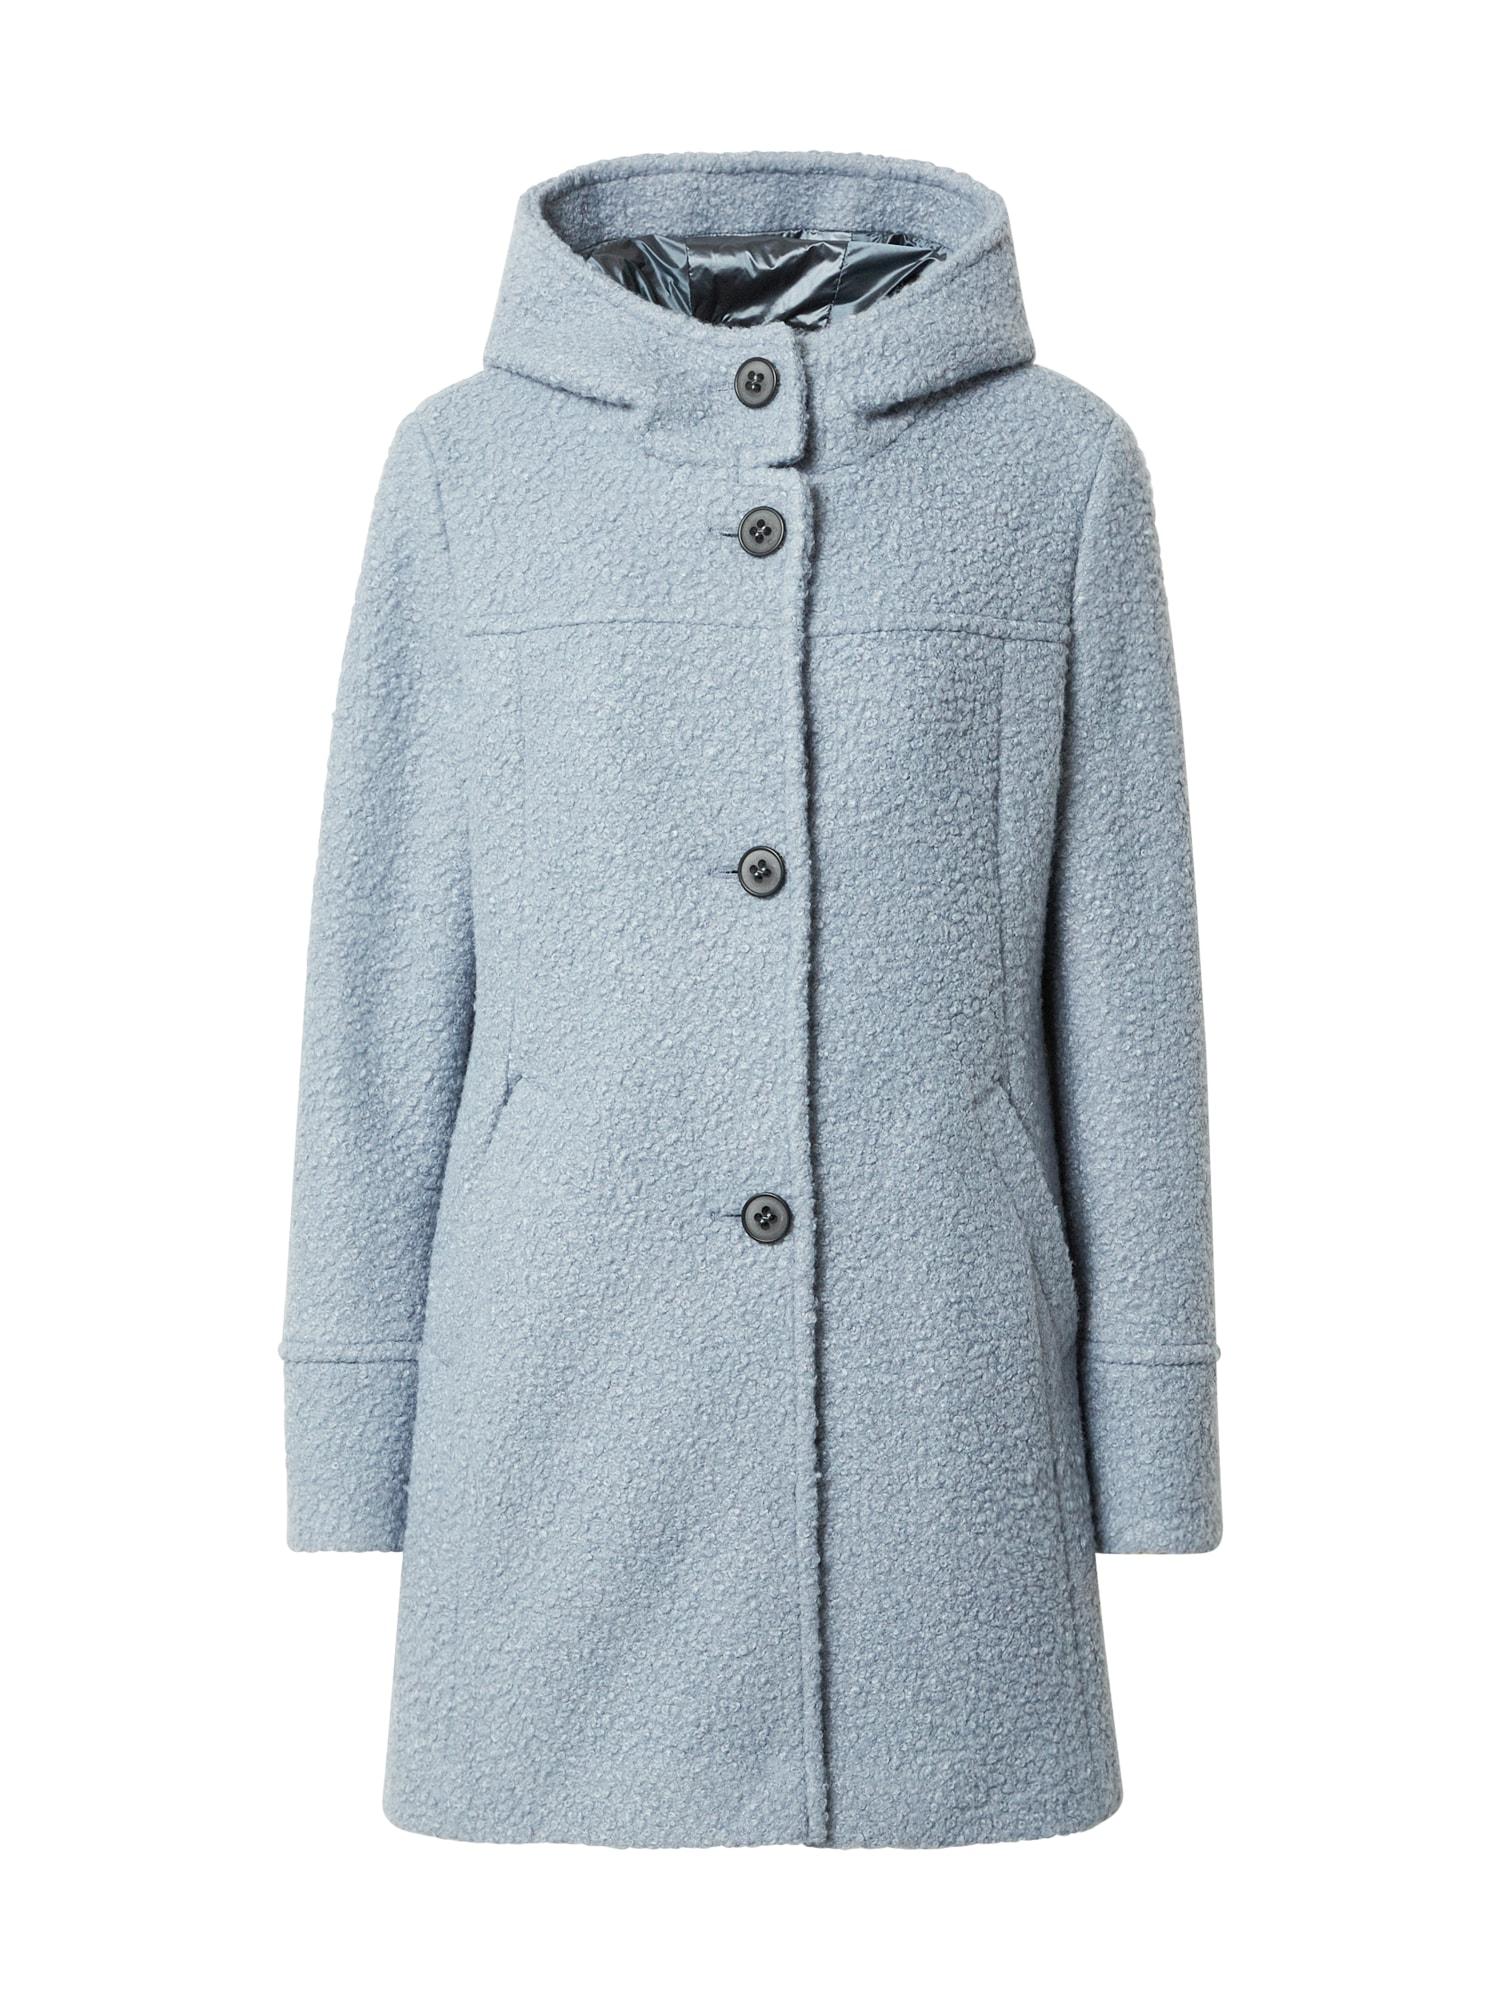 Amber & June Přechodný kabát  modrá